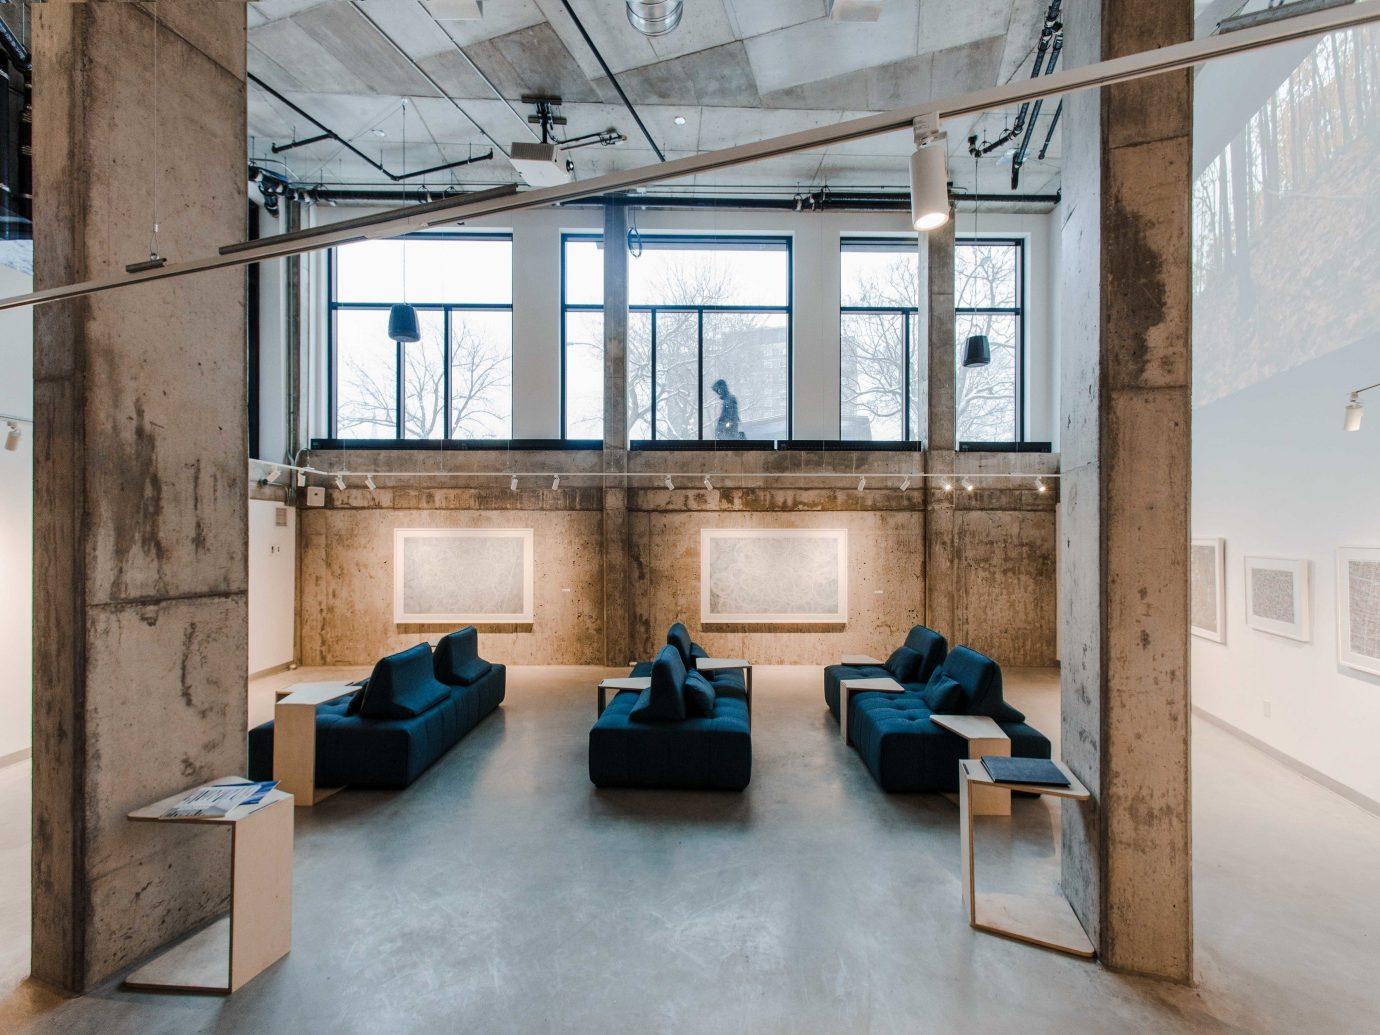 Canada Hotels Montreal Trip Ideas floor indoor window interior design loft daylighting building furniture